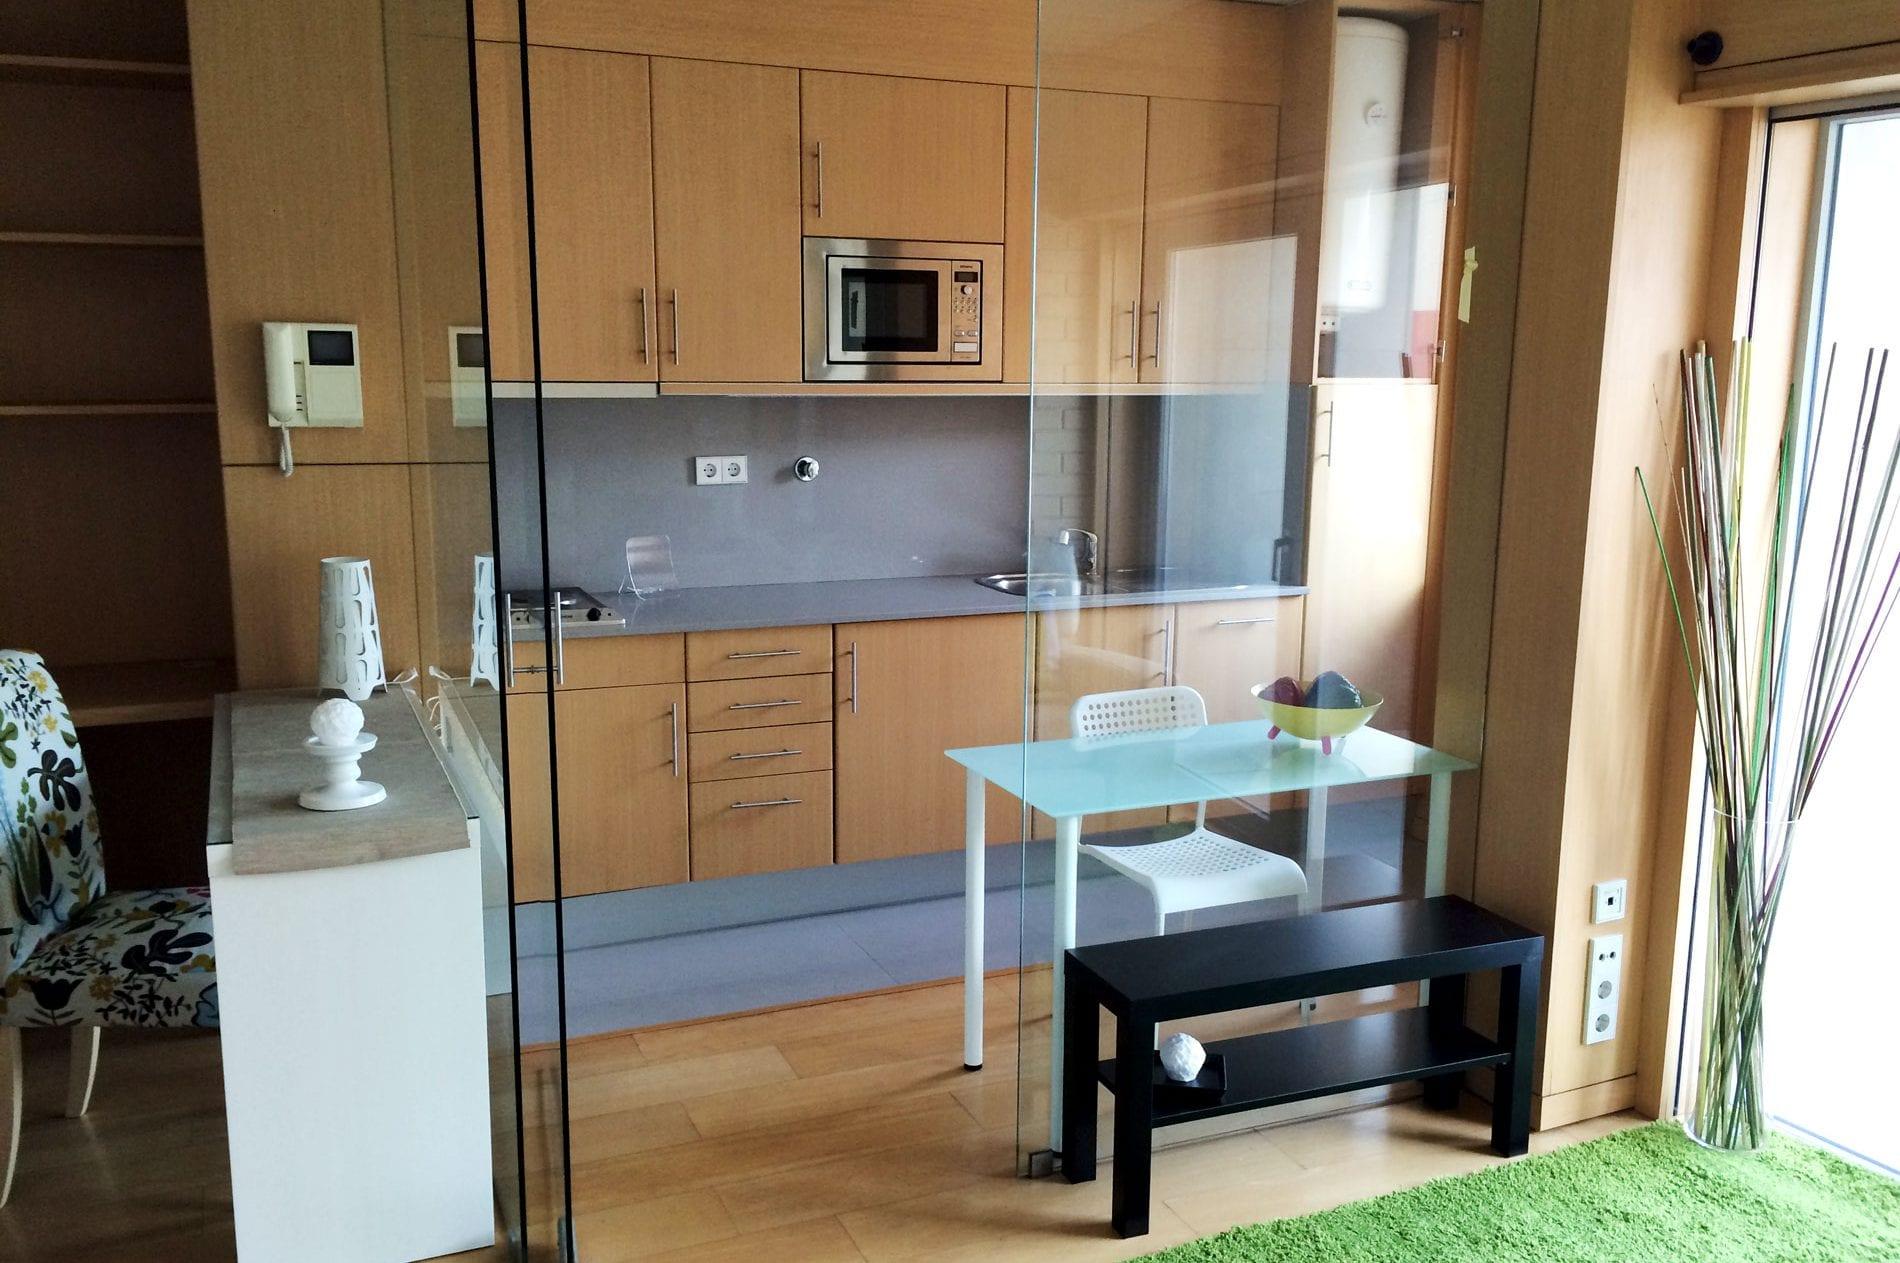 Casas para alugar no Porto: Studio Residence Arrábida | Plano Inclinado